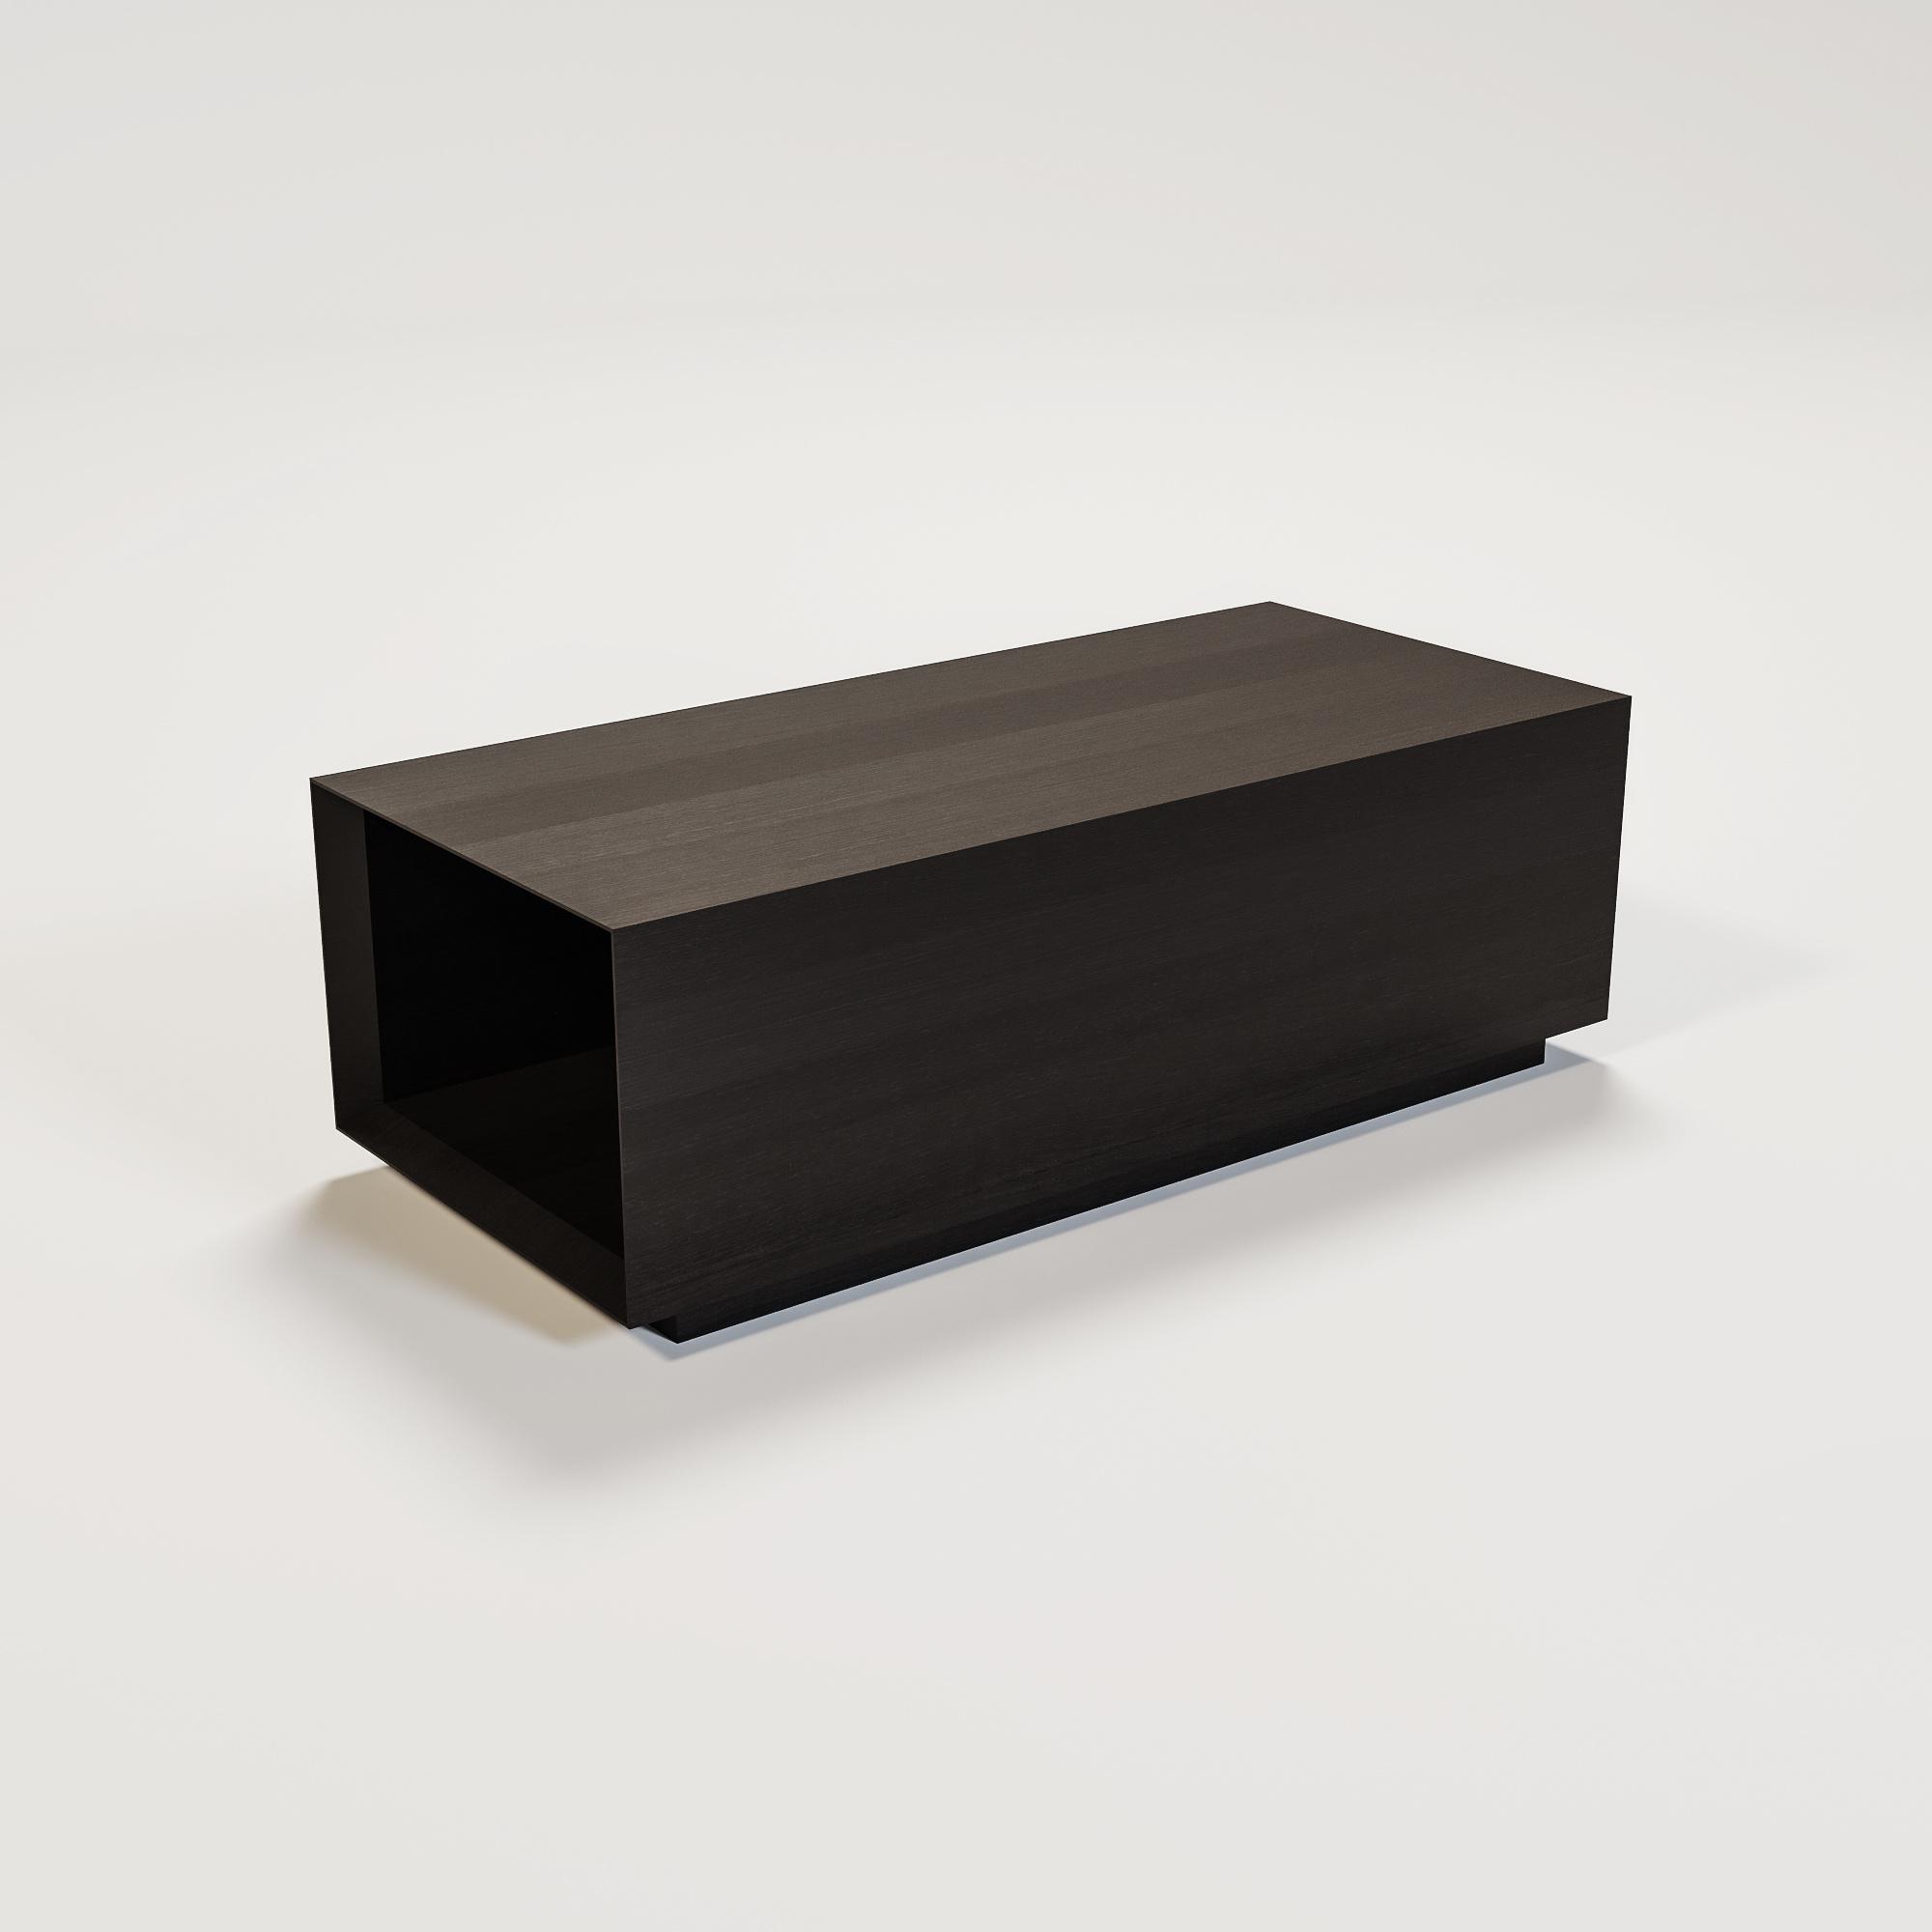 MASSIMO MidSide Table Charcoal Oak-1